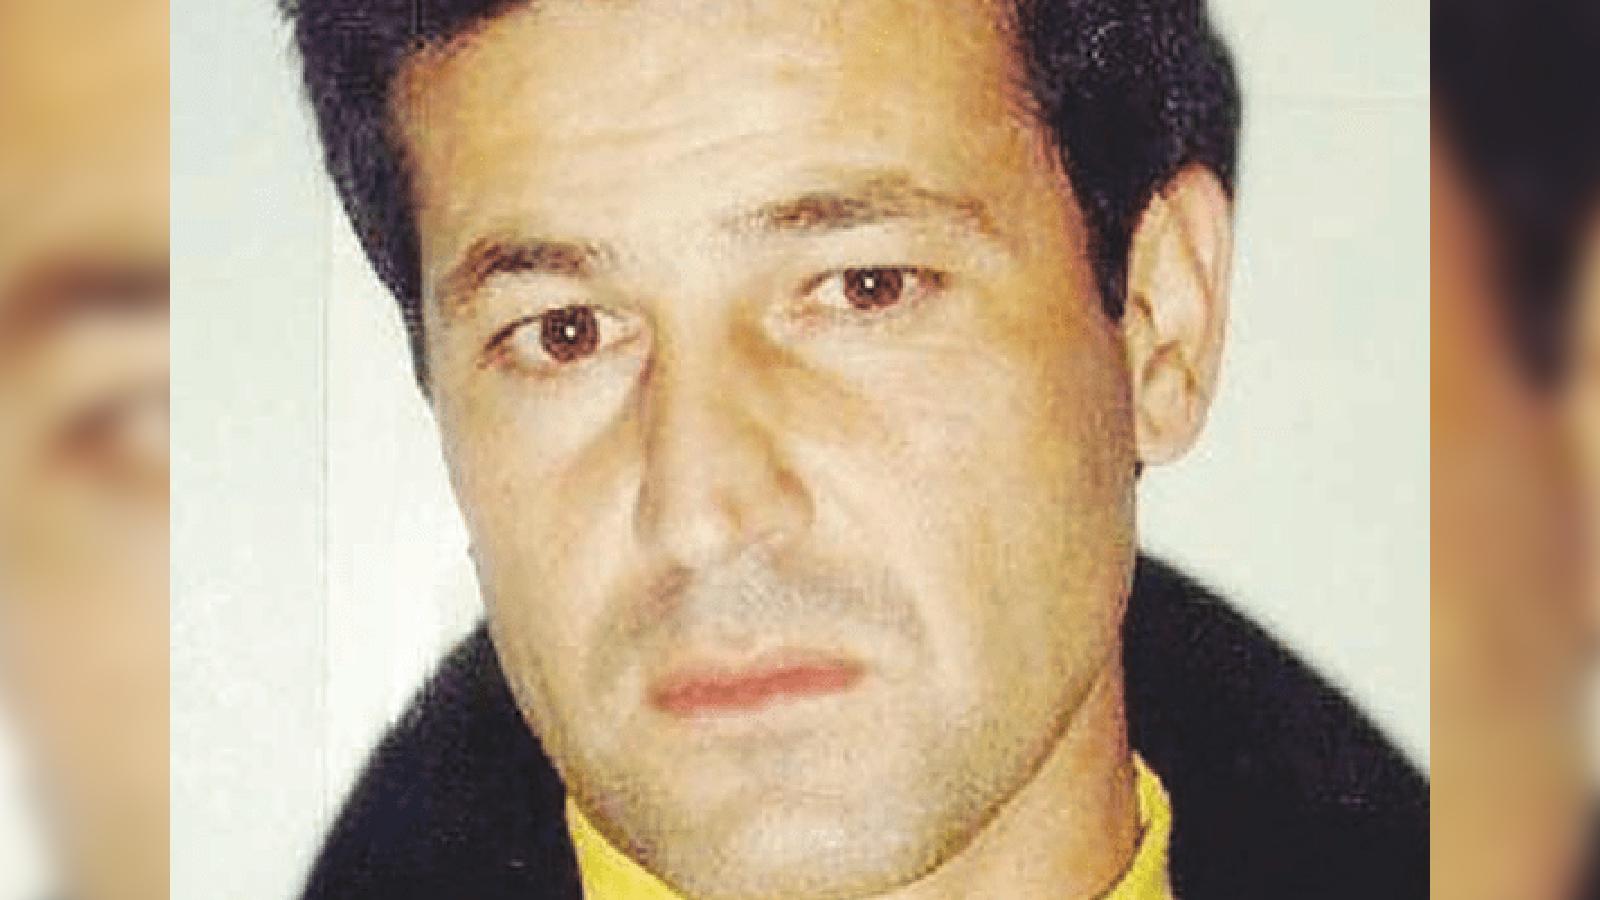 Il boss Paviglianiti torna in carcere fino al 2027La liberazione, per un cavillo, è durata solo 2 giorni